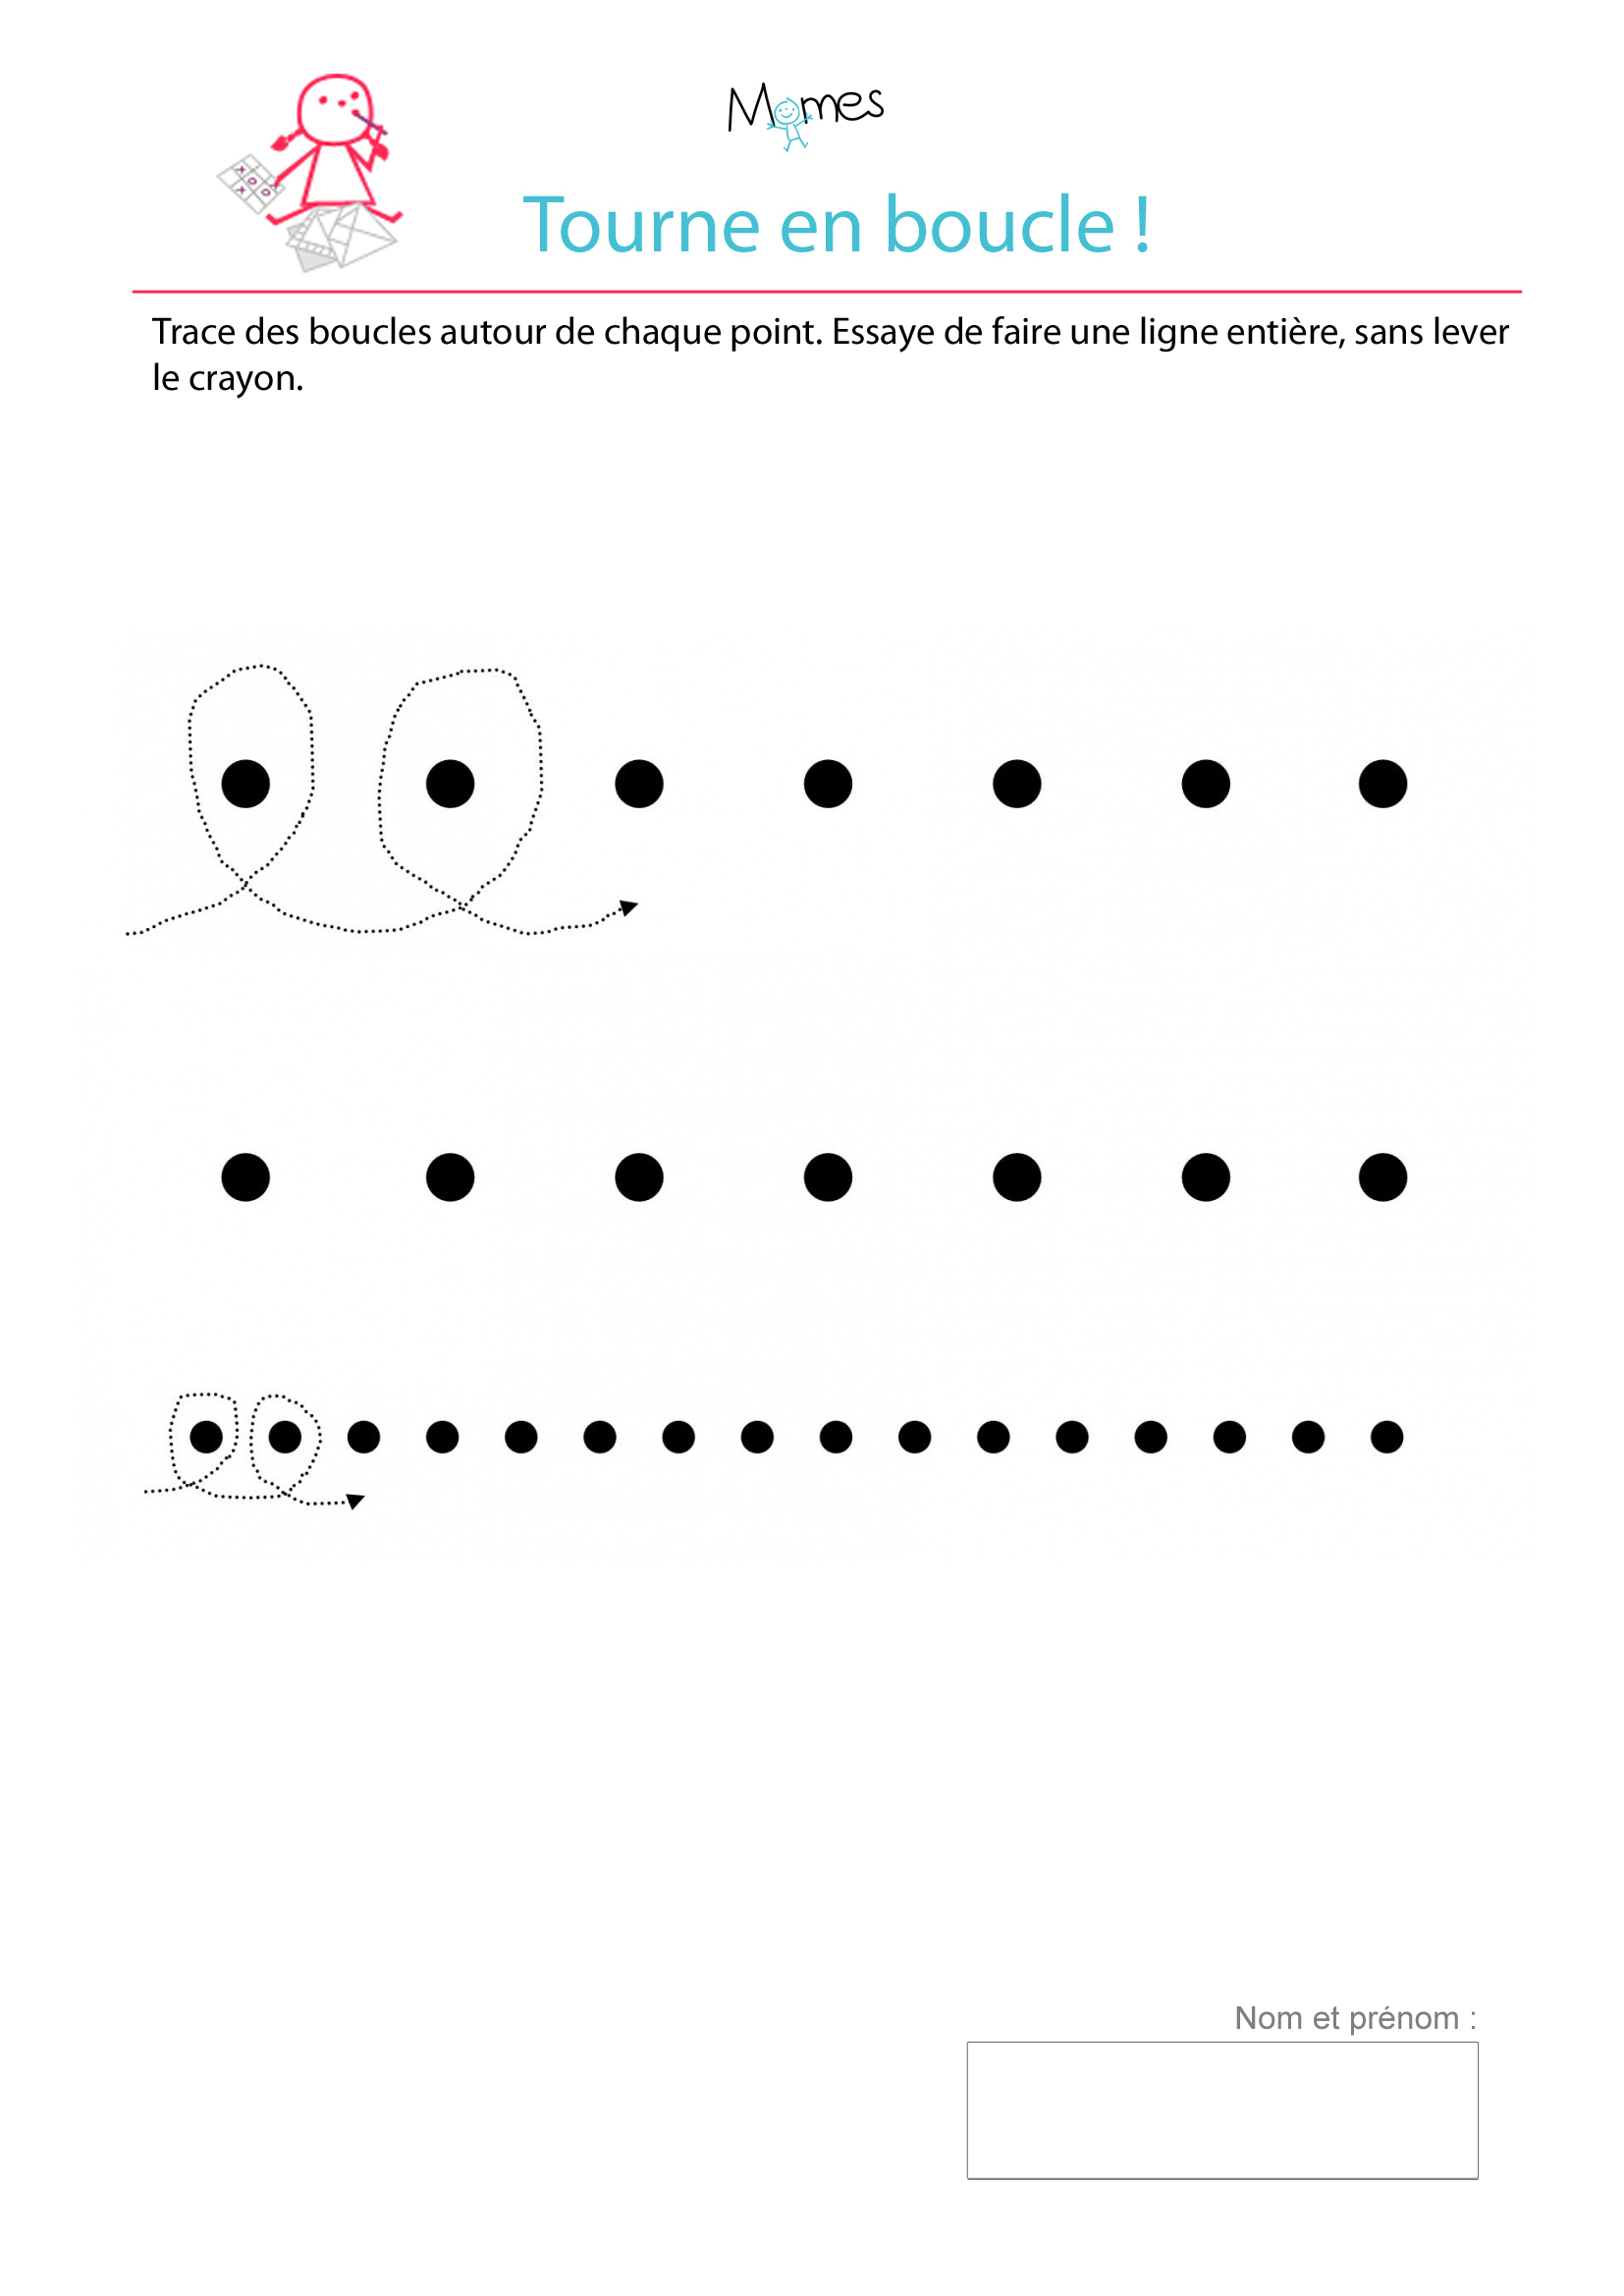 Exercice D'écriture : Tracer Des Boucles Autour De Points dedans Exercice Enfant 4 Ans